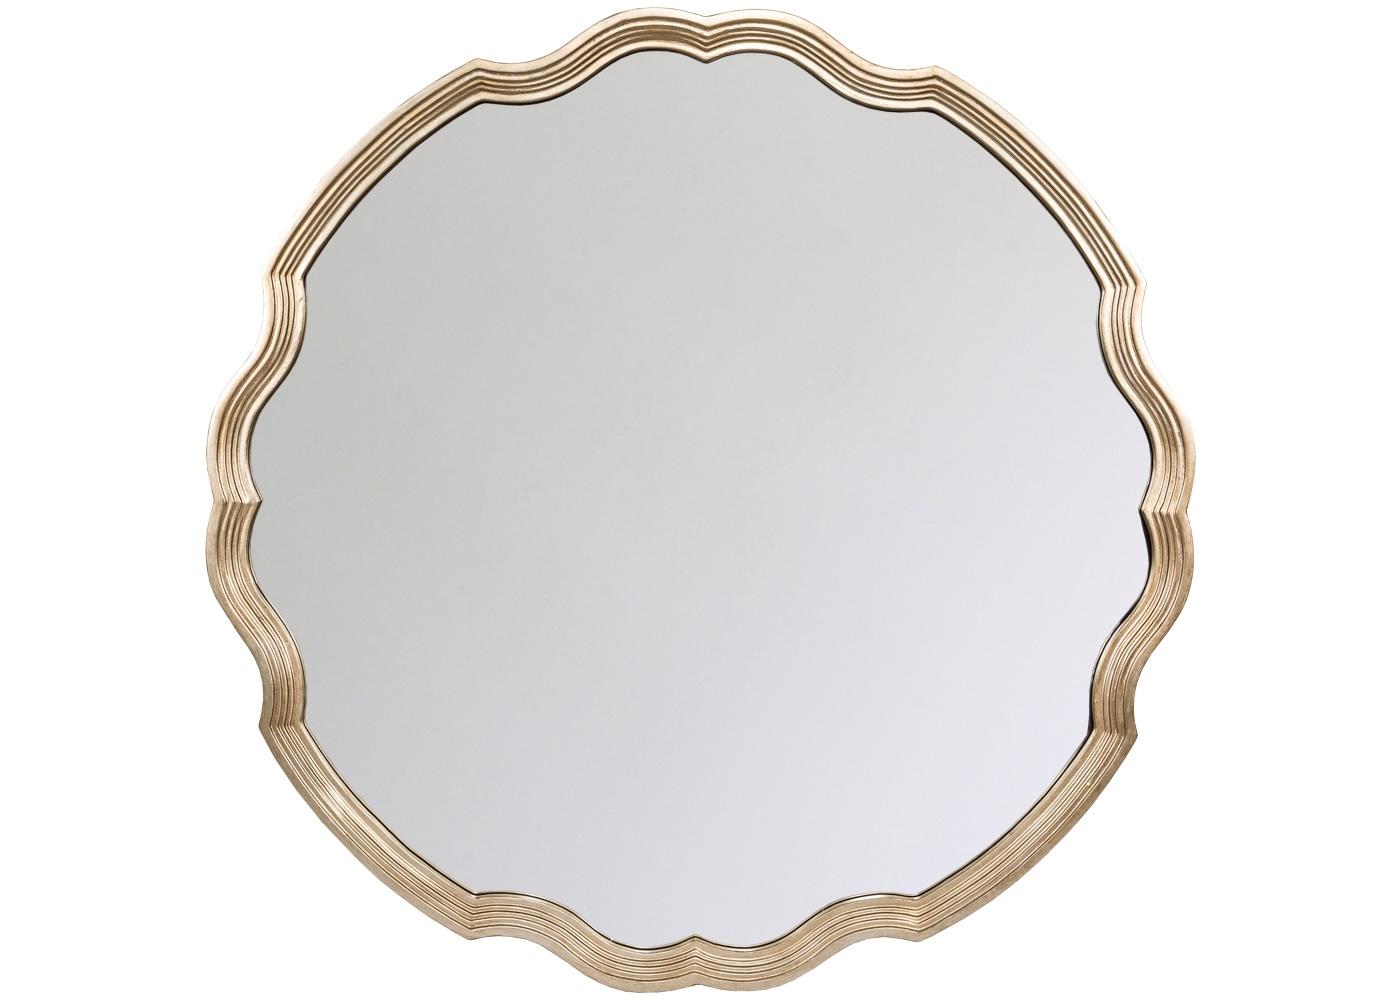 Настенное зеркало «Презент»Настенные зеркала<br>Каскад тонких граней и нежный платиновый оттенок акцентируют глубину и простор, открытые интерьеру зеркалом &amp;quot;Презент&amp;quot;. Просторный размер и безмятежная волнистая форма рекомендуют это зеркало гостиной и столовой, спальне и прихожей, городской квартире и загородному дому. Рама изготовлена из полиуретана, - экологически безвредного, прочного и долговечного материала. Полиуретан достоверно имитирует любые материалы. На первый взгляд, оправа &amp;quot;Презент&amp;quot; не отличается от металлической.<br><br>Material: Полиуретан<br>Ширина см: 101.0<br>Высота см: 101.0<br>Глубина см: 3.5